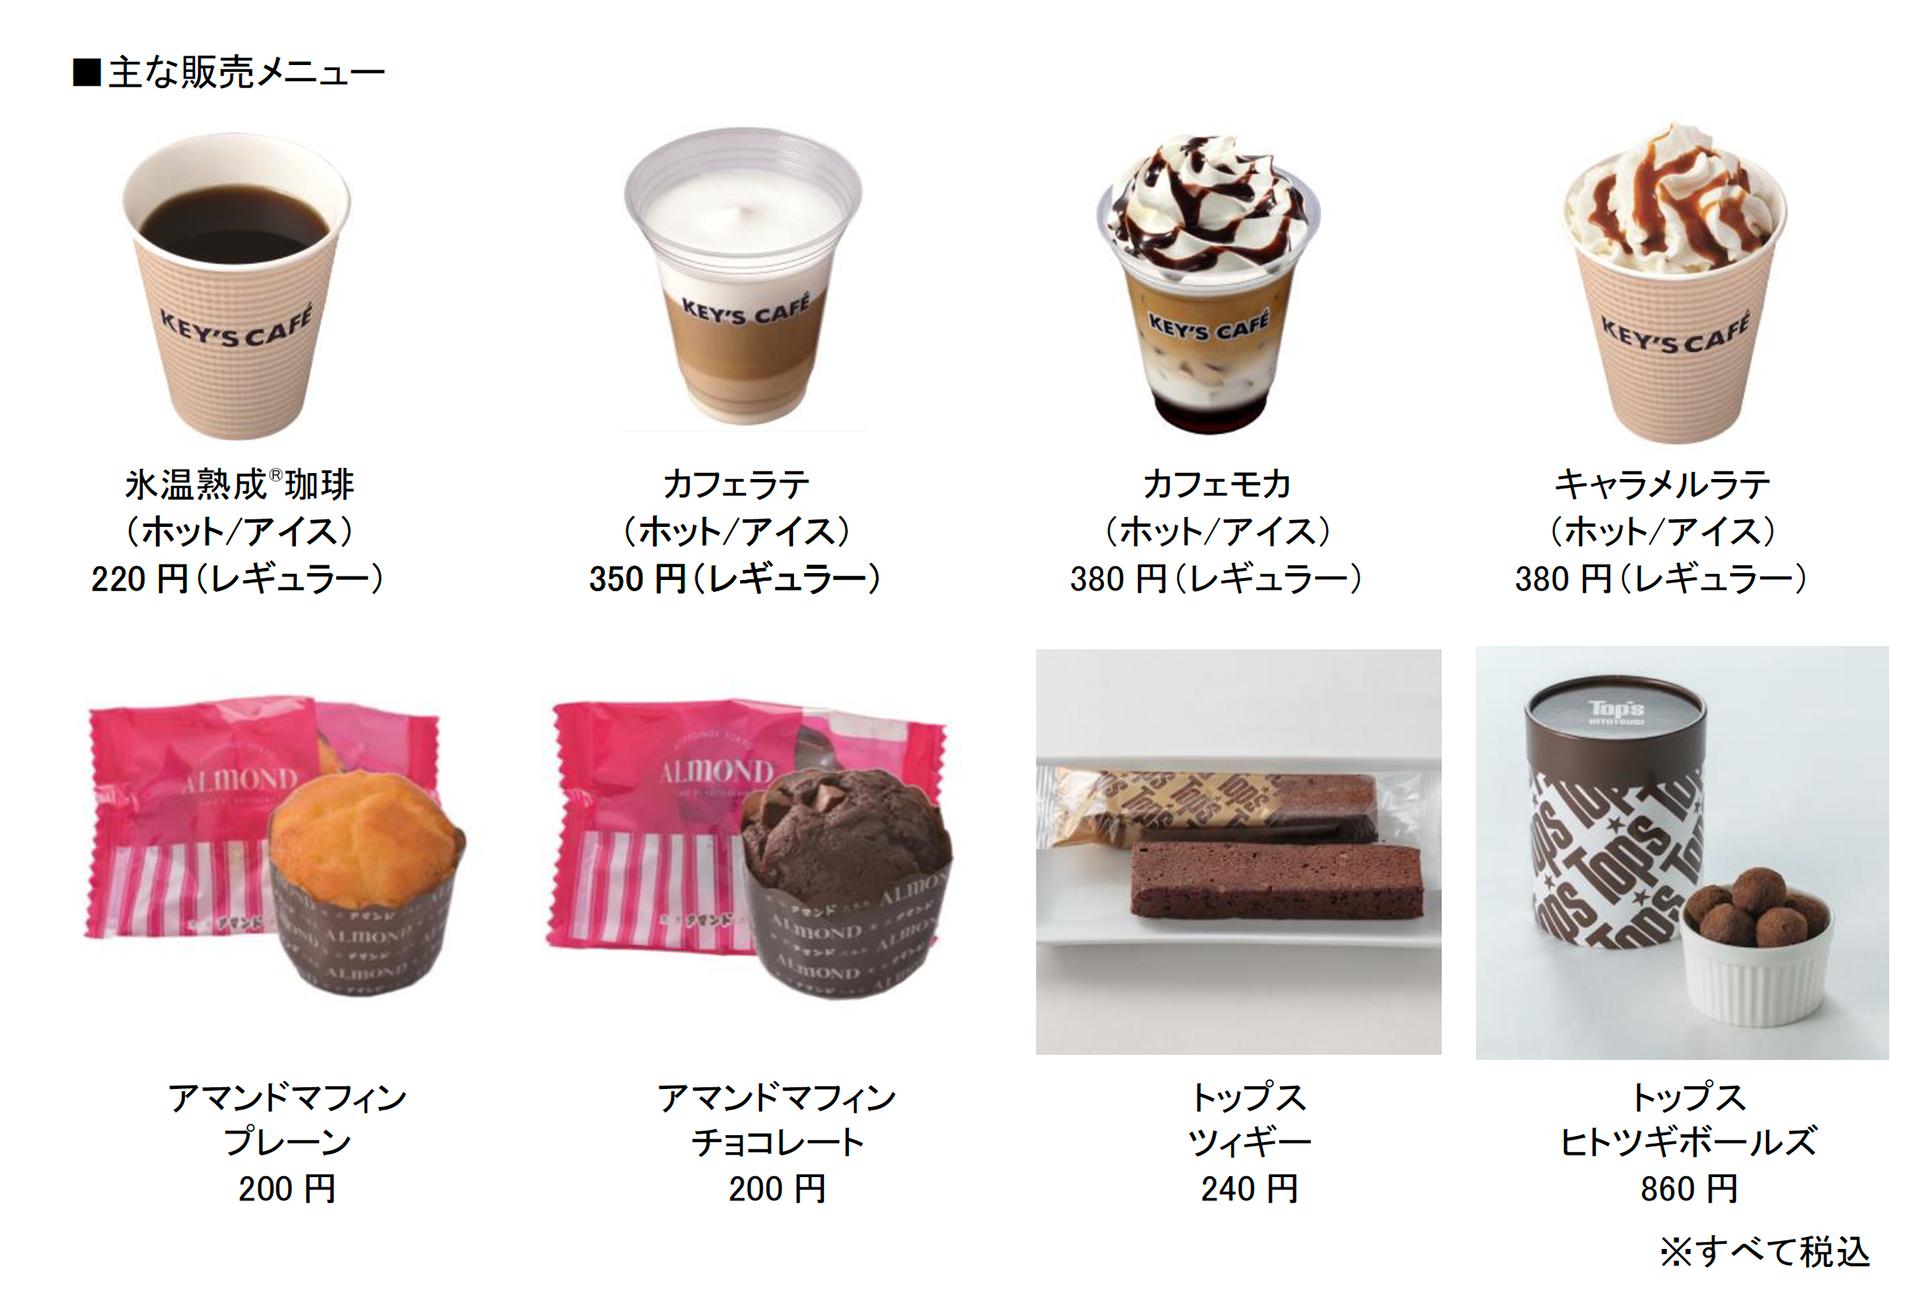 キーズカフェ・東京都庁